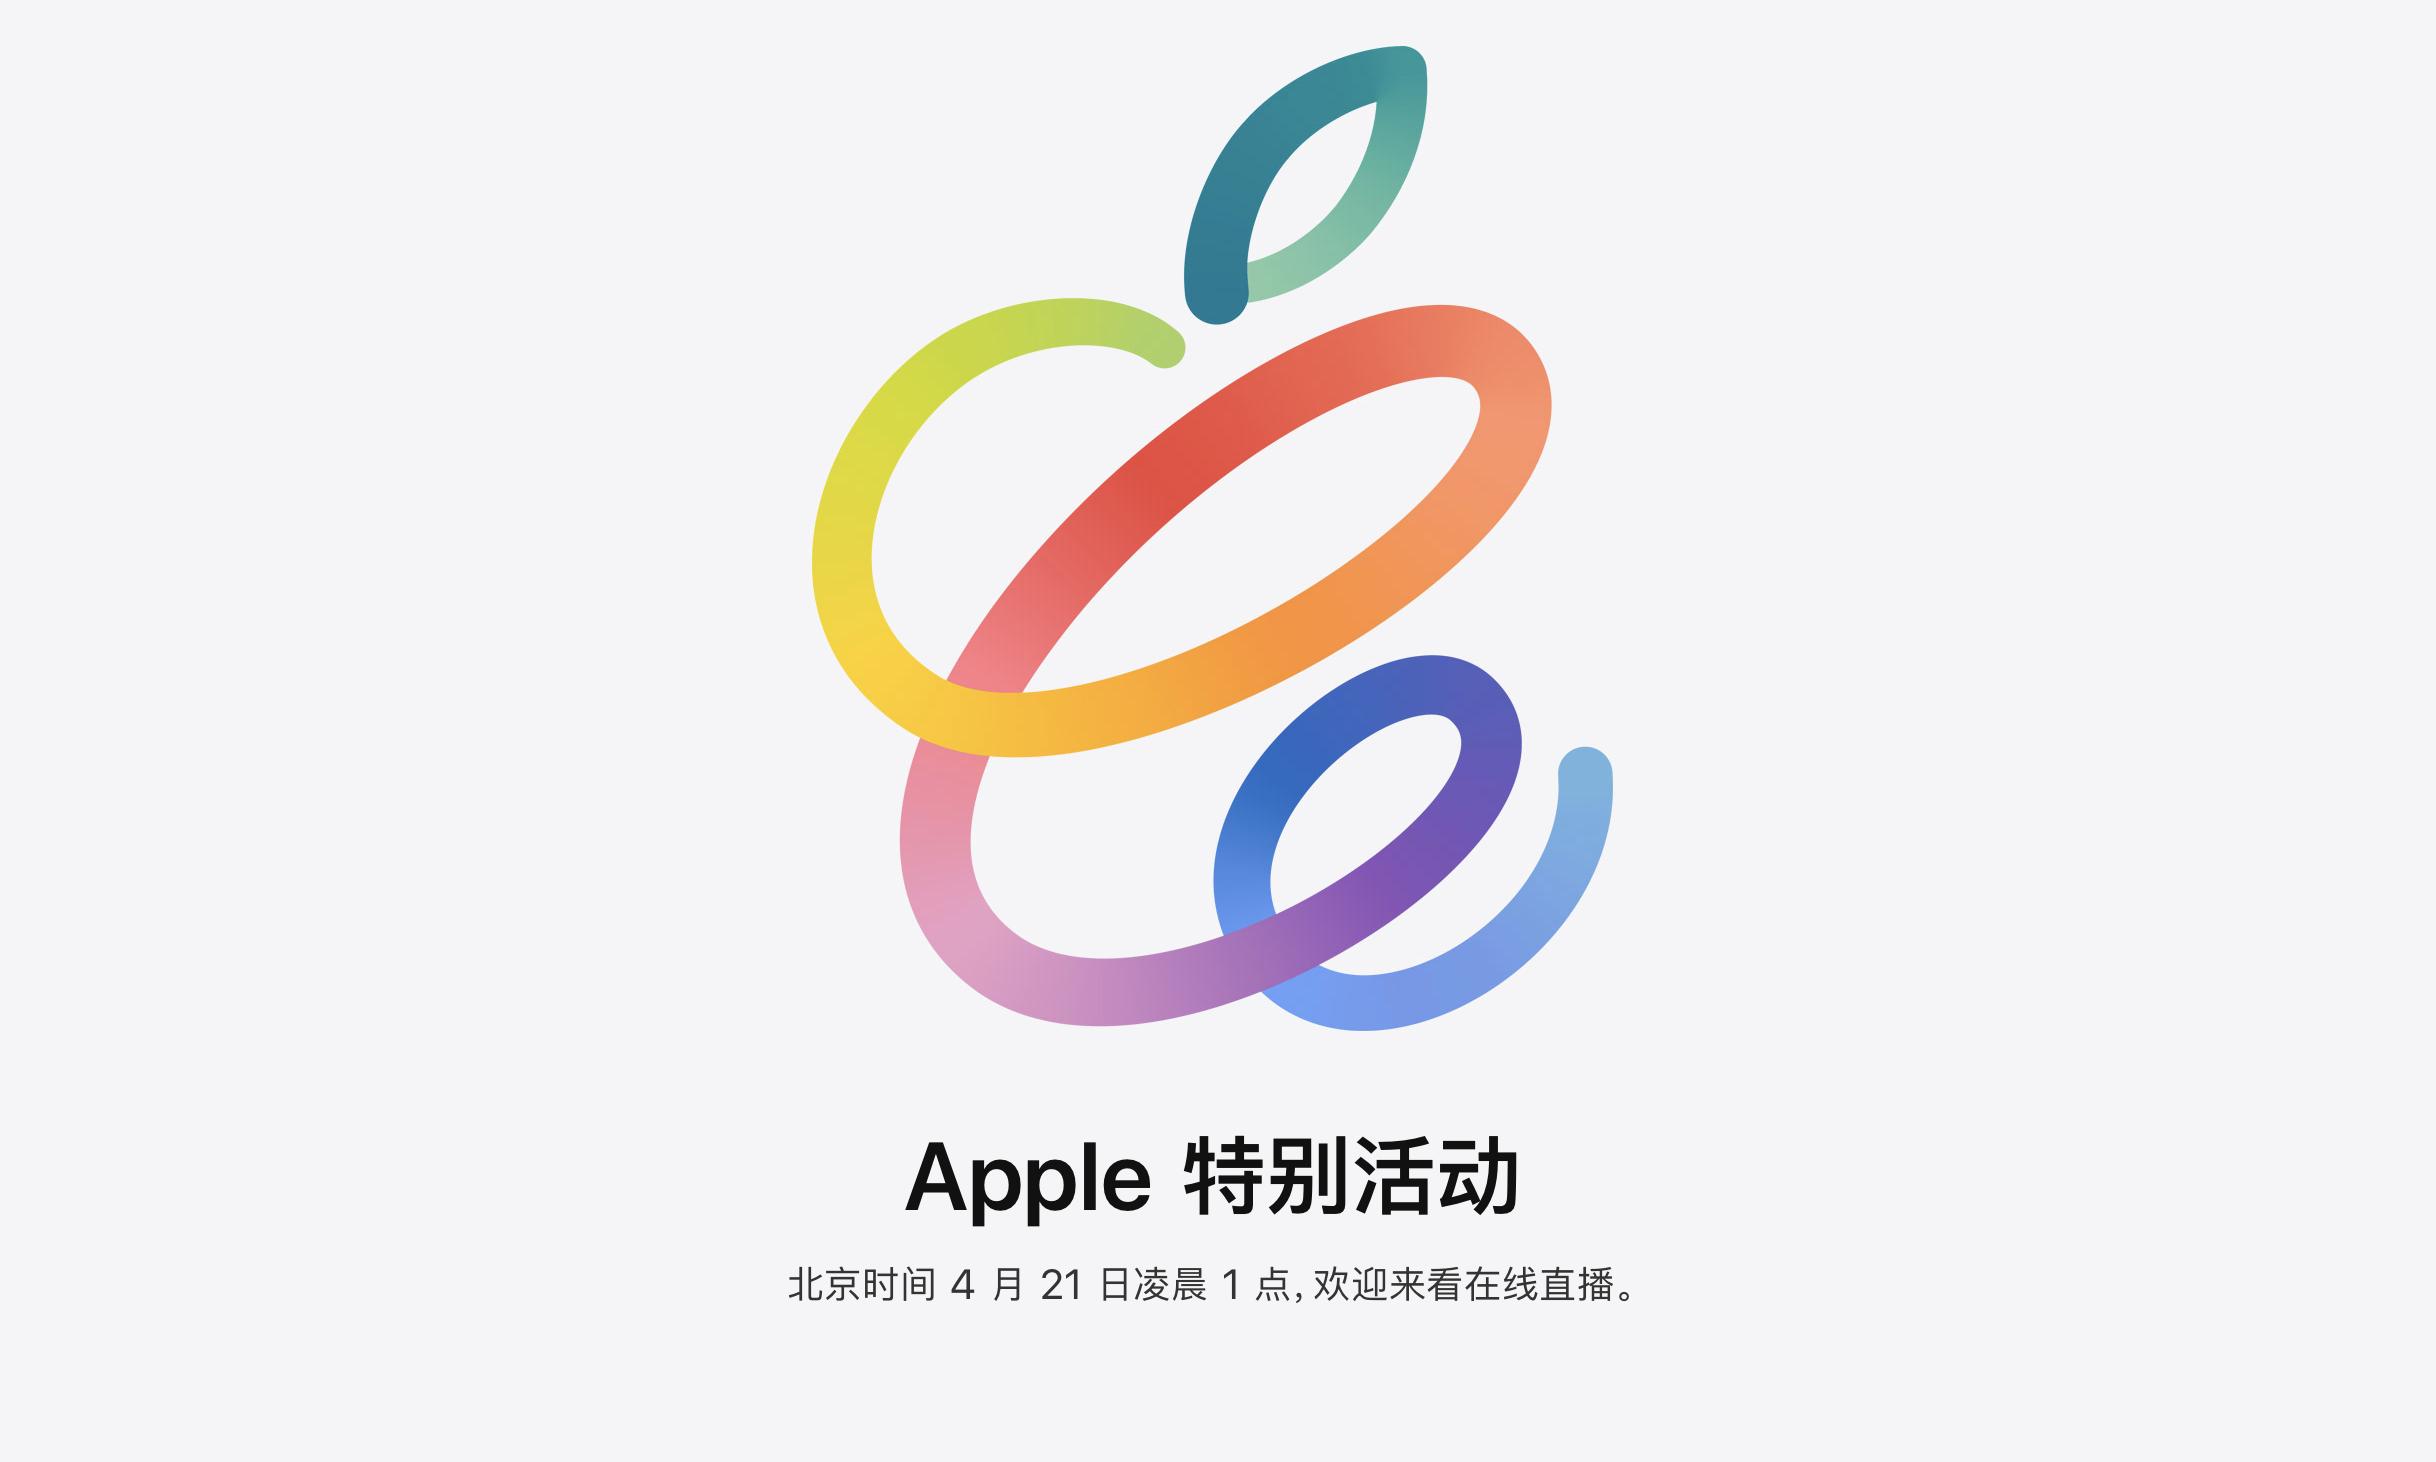 苹果春季发布会下周举行